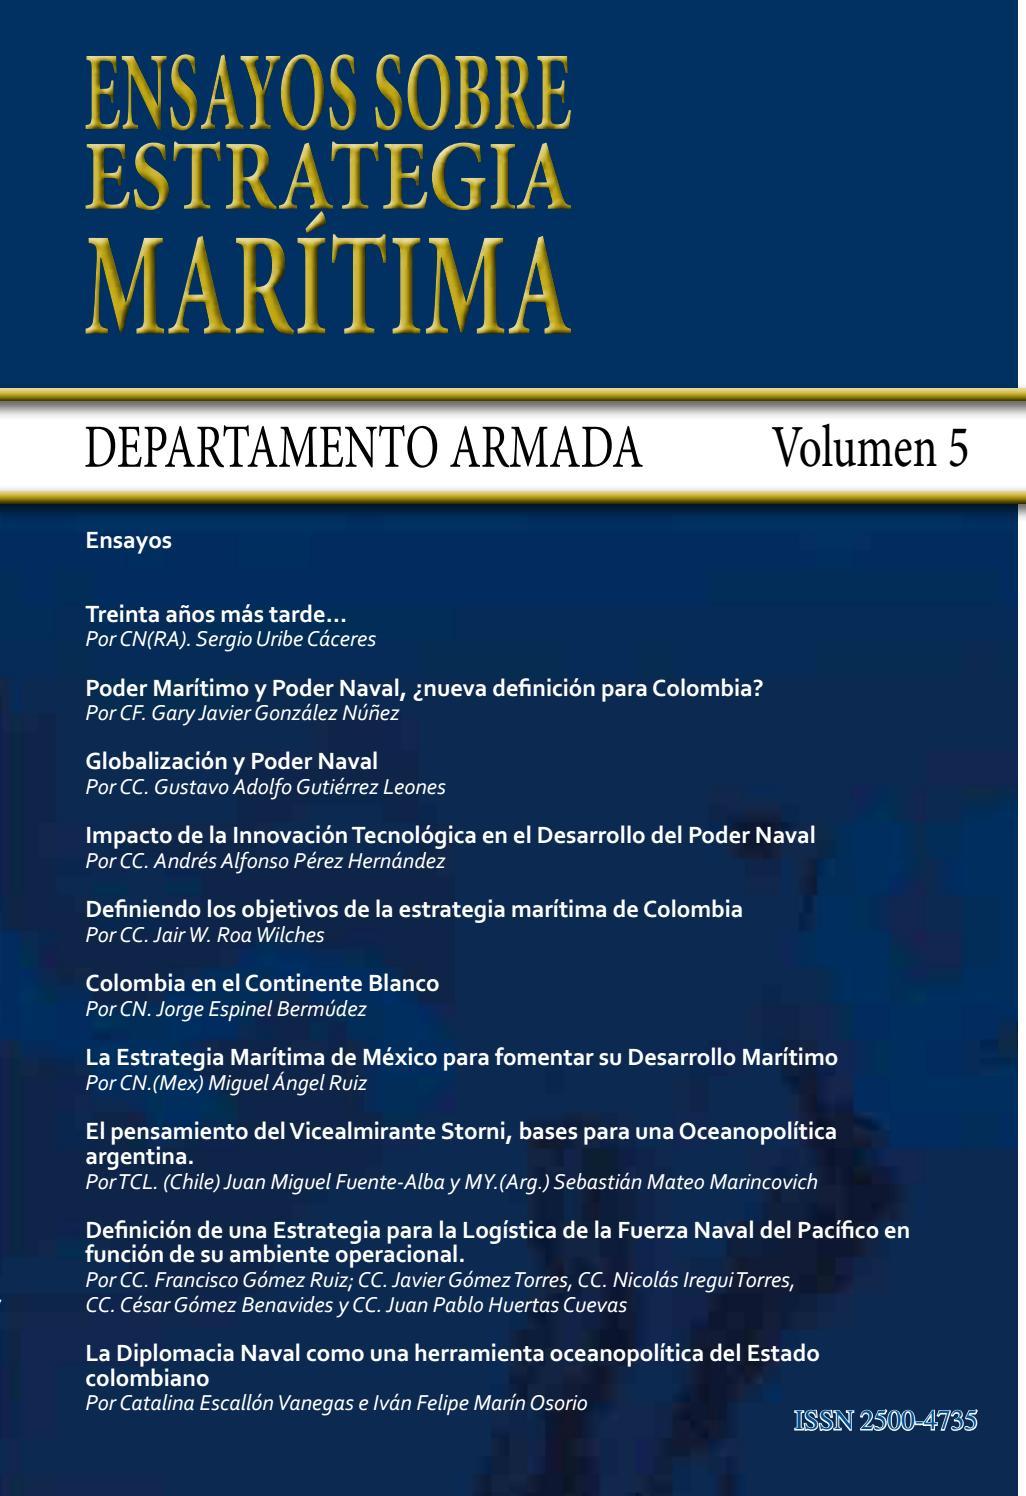 Ensayos sobre Estrategia Marítima - Volumen 5. by DEPARTAMENTO ...